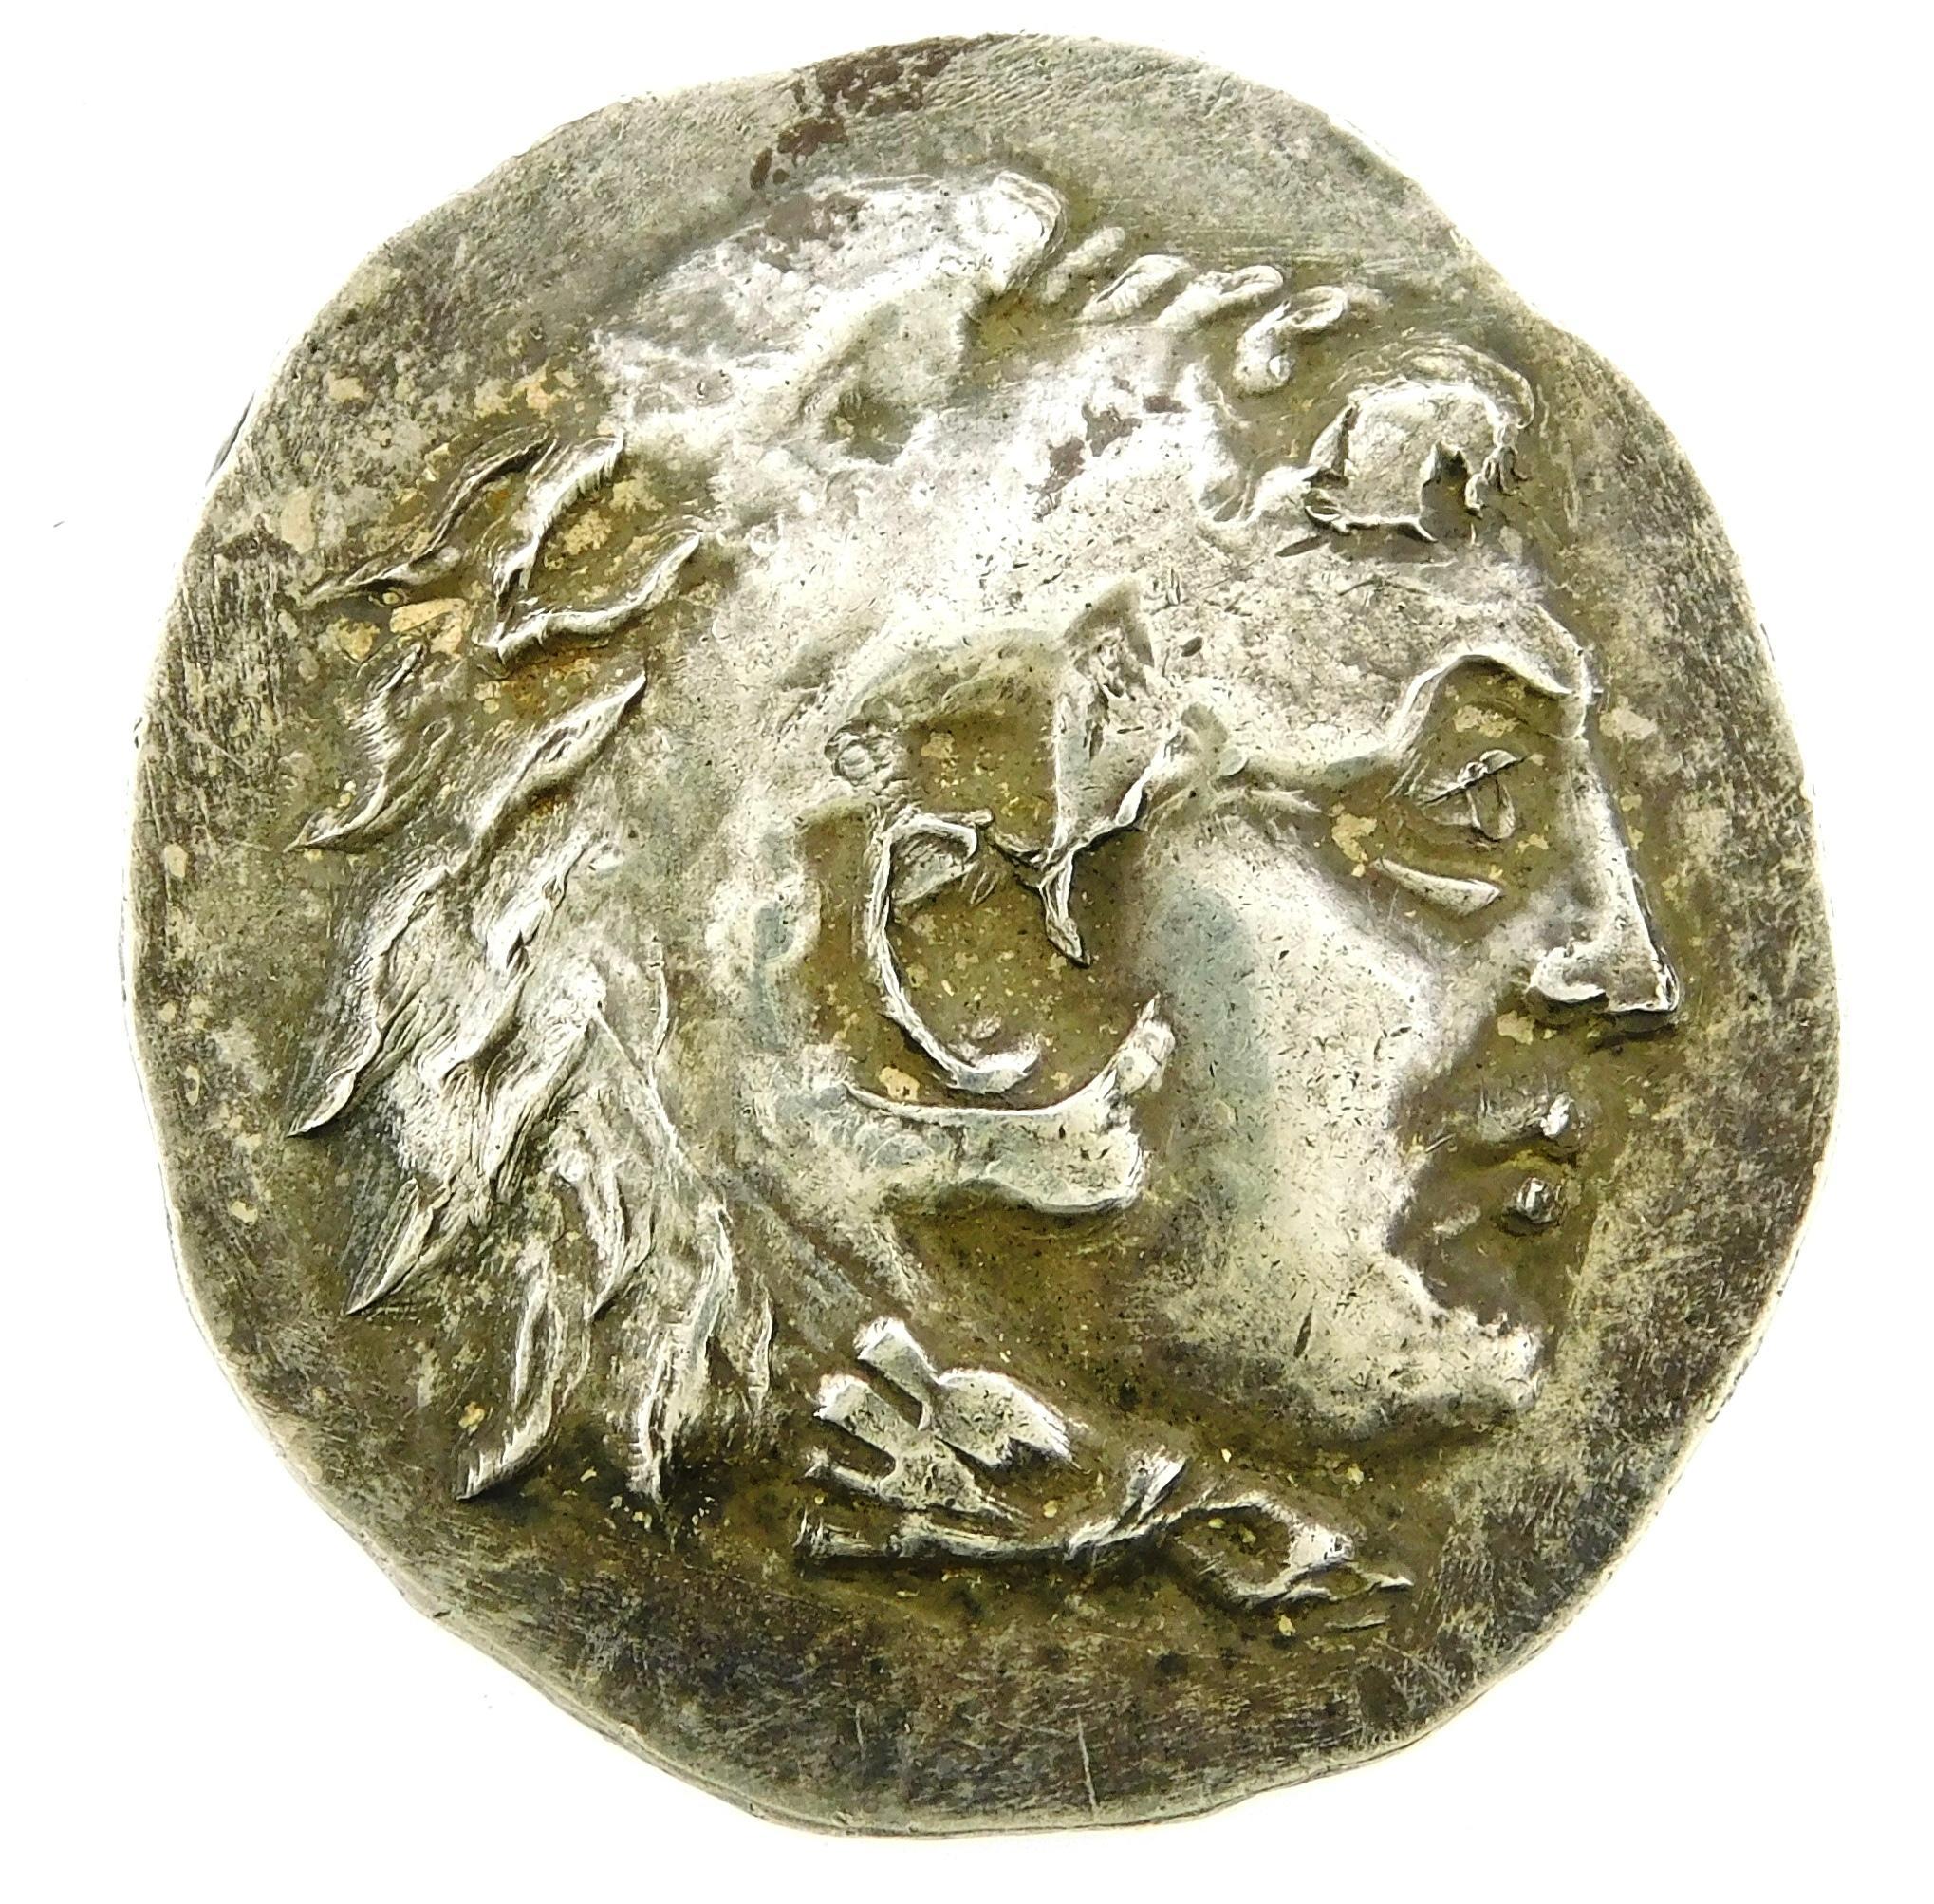 COIN: Ancient Greece Mesambria. Circa 225-175 BC, Struck in the name of Alexander III of Macedon (Alexander the Great) AR Tetradrach...